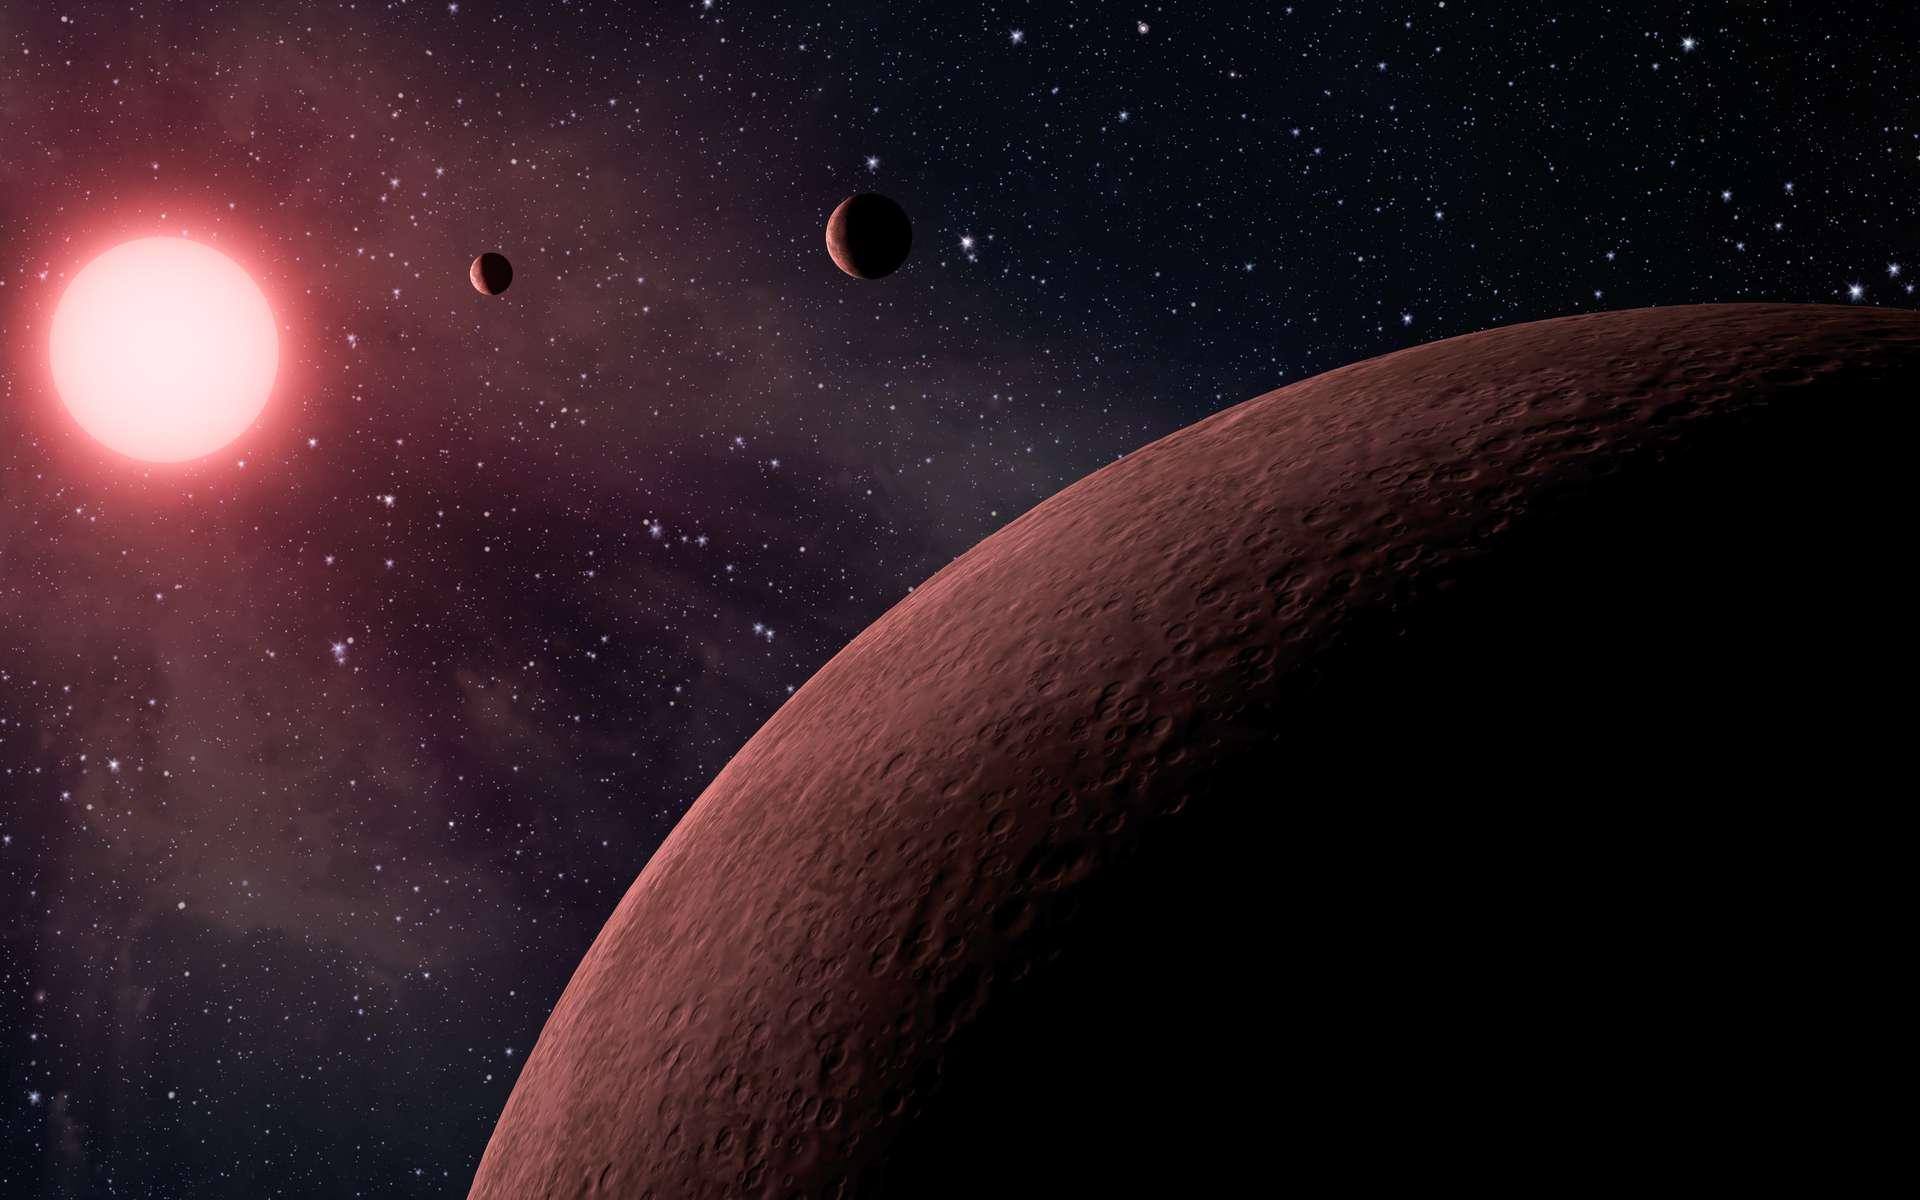 Trois exoplanètes rocheuses ont été découvertes autour de la naine rouge YZ Ceti. Elles sont aussi grandes et massives que la Terre. Il ne leur faut qu'entre 2 et 4,6 jours pour faire le tour de leur étoile. © Nasa, JPL-Caltech